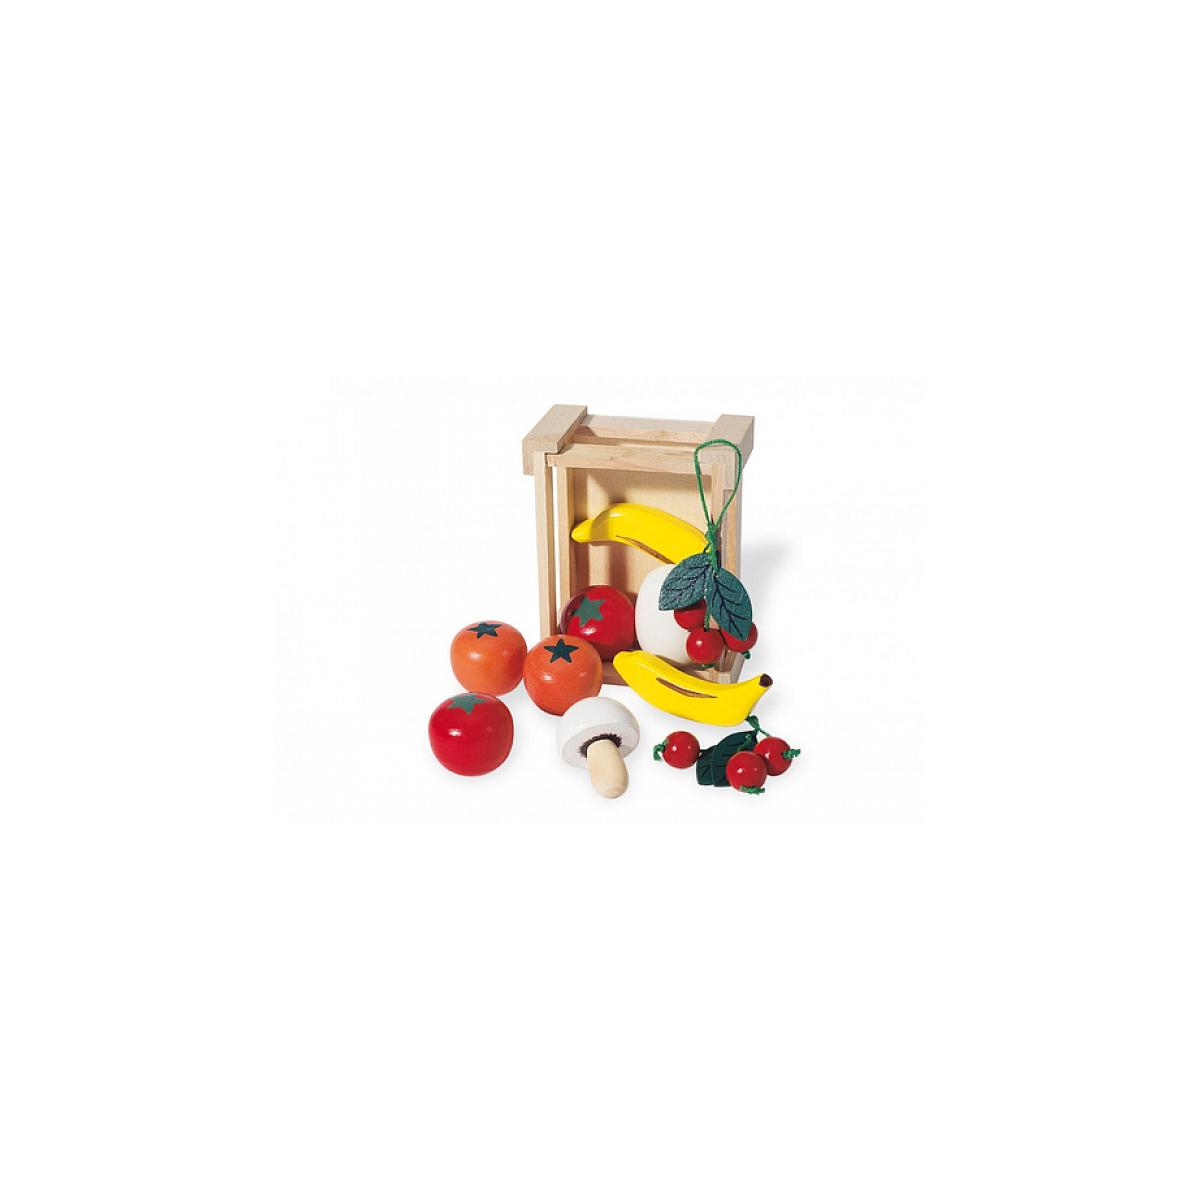 Pinolino - 221403 Cagette avec des fruits et legumes en bois